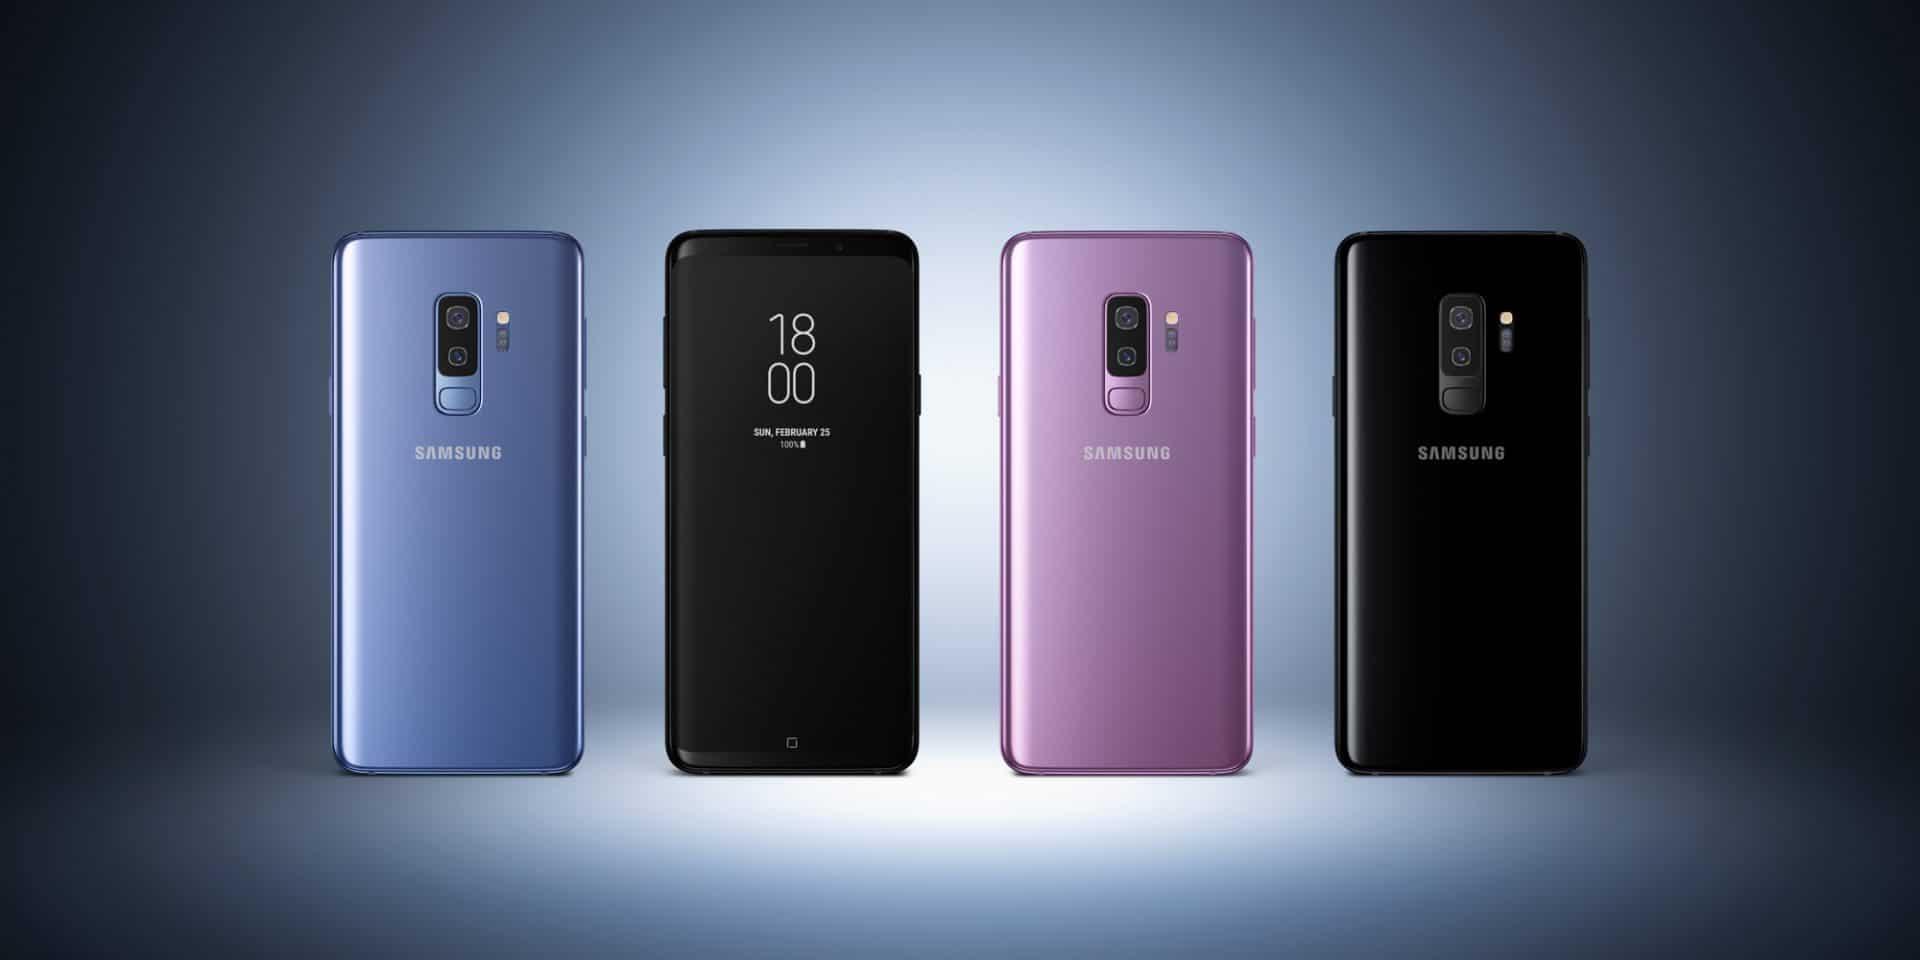 Galaxy S9 Display